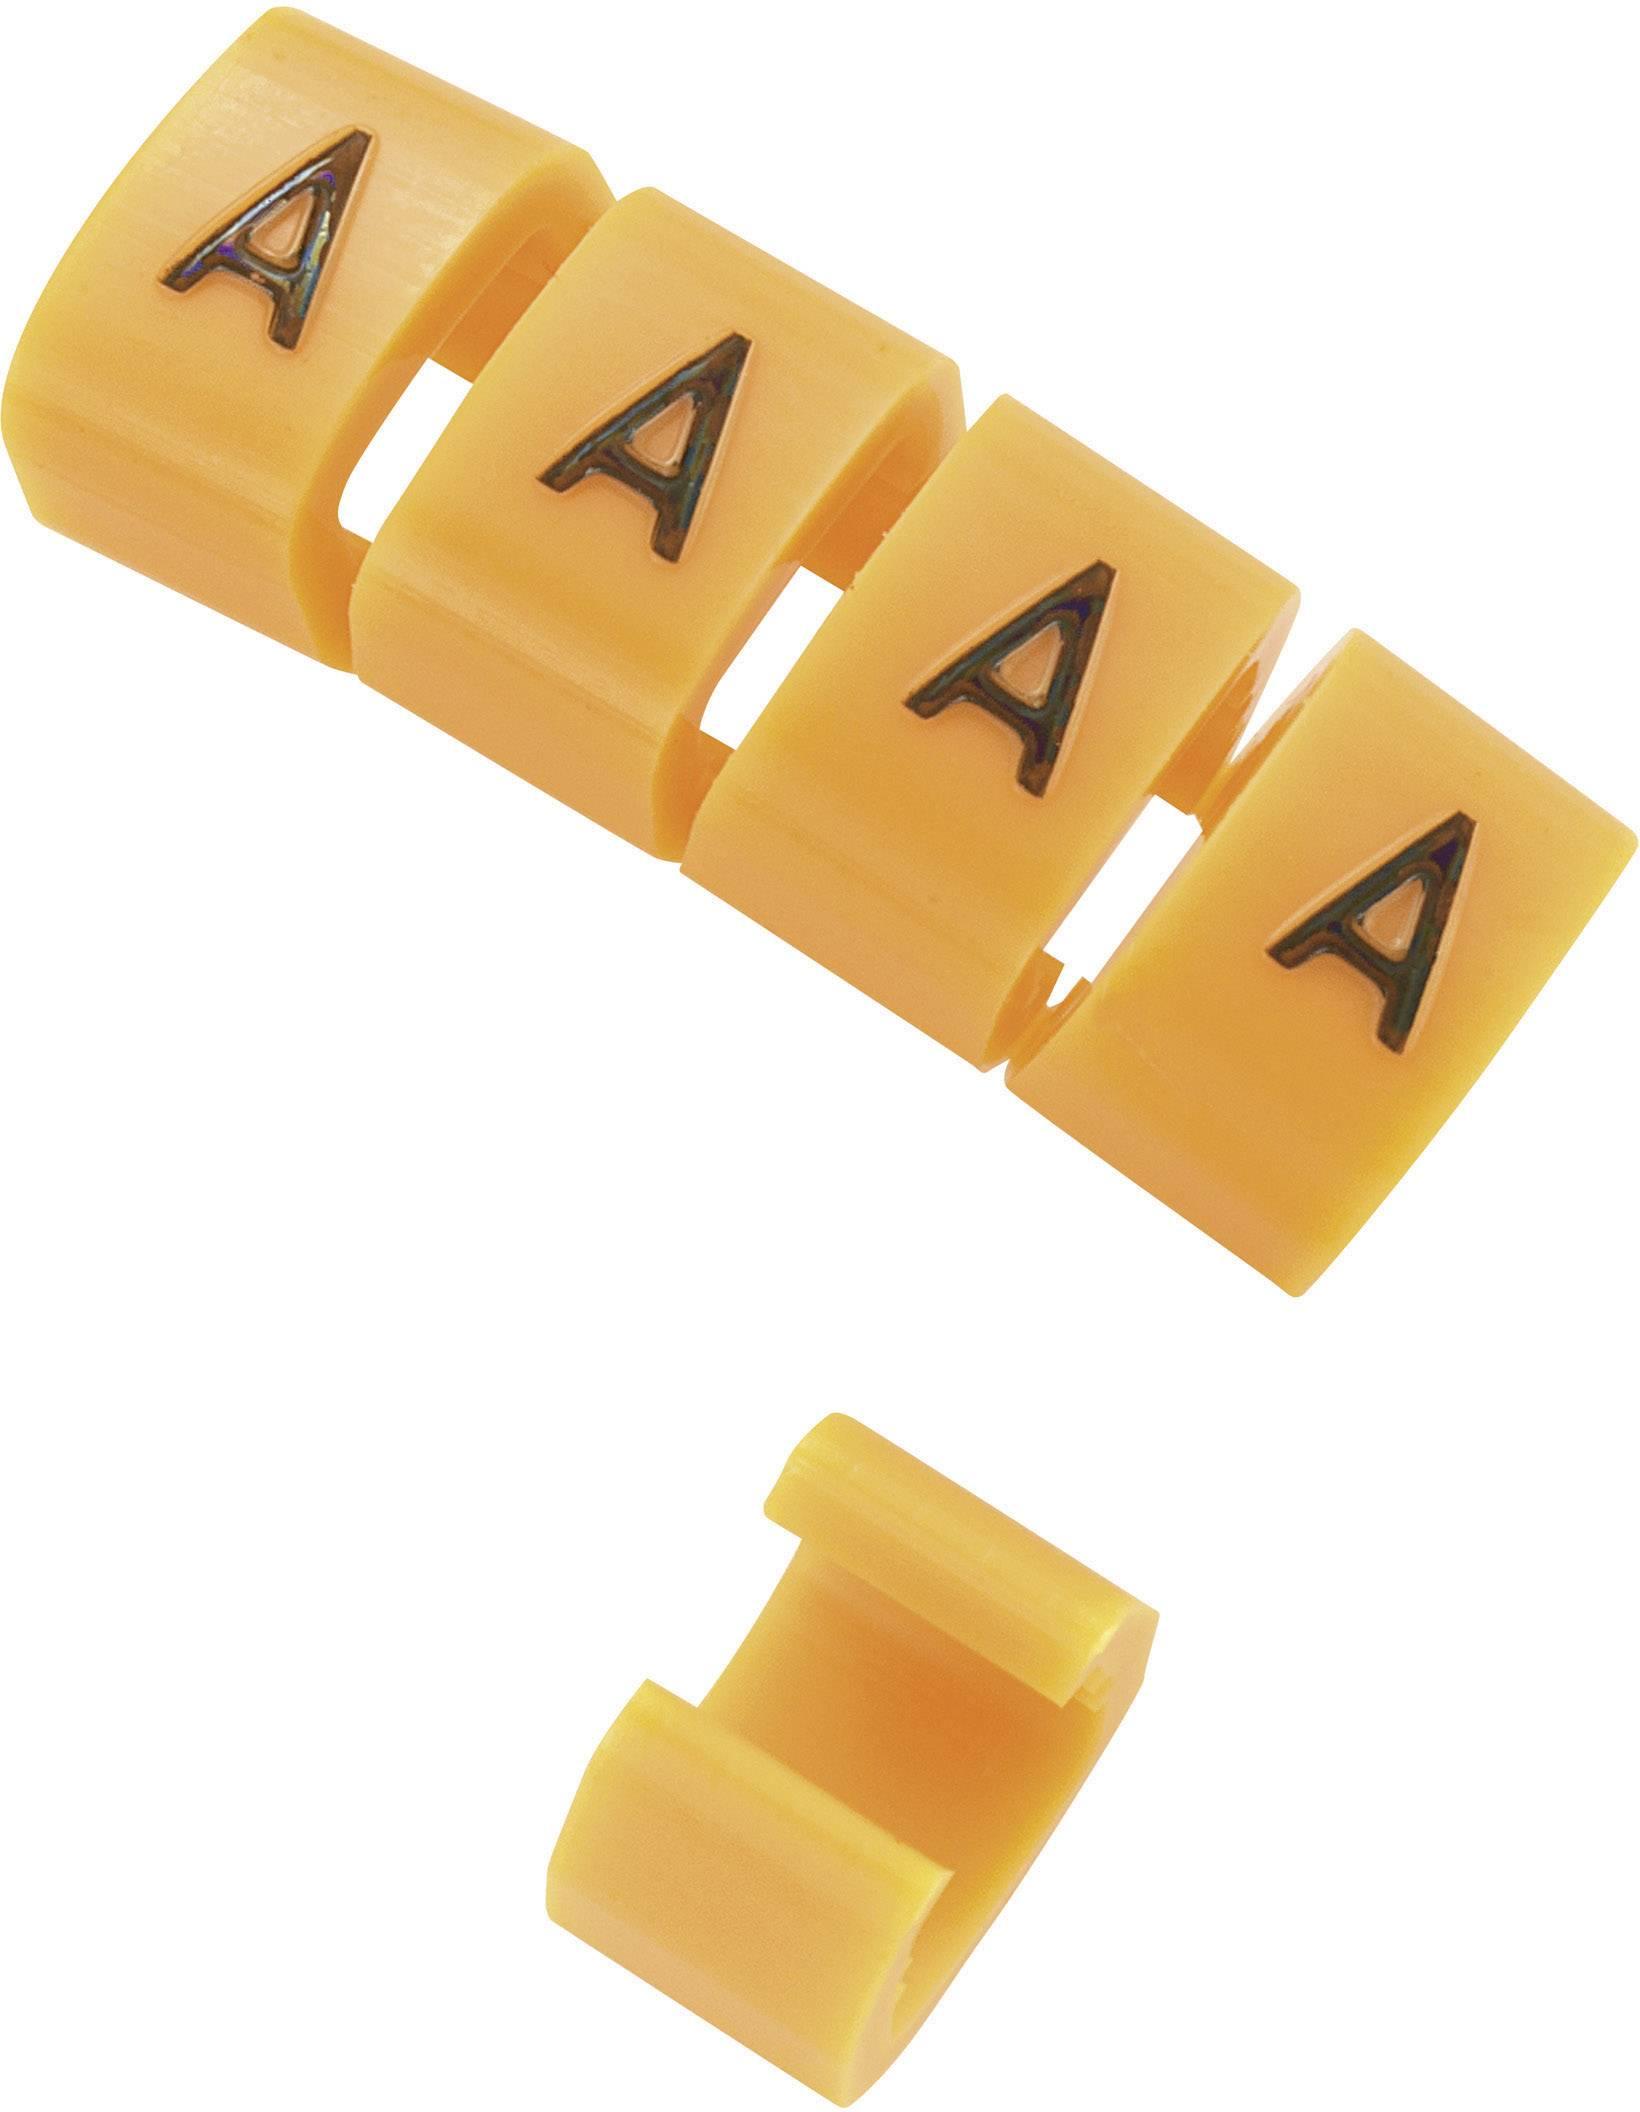 Označovacie objímka na káble KSS MB1/K, oranžová, 10 ks